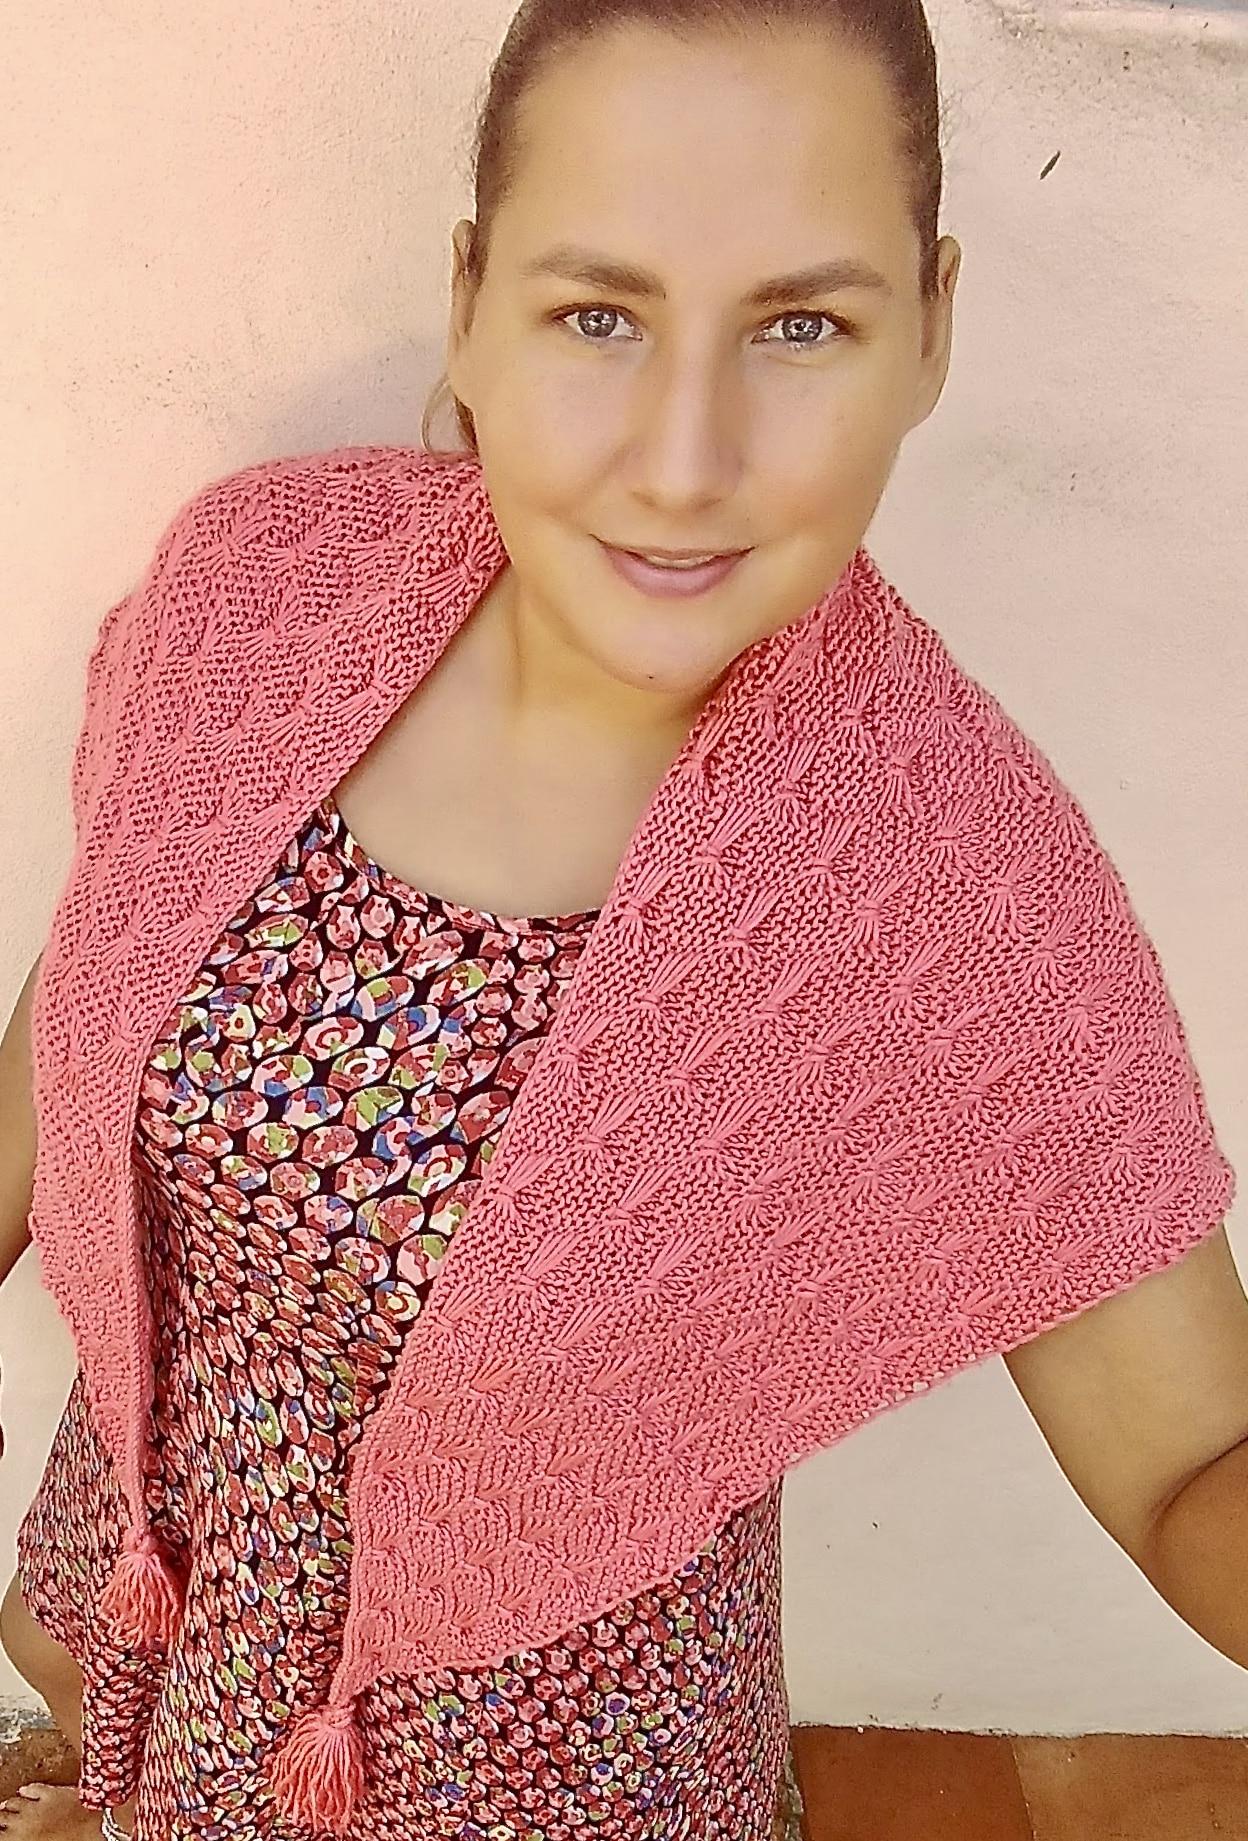 Butterfly Shawl Knitting Pattern